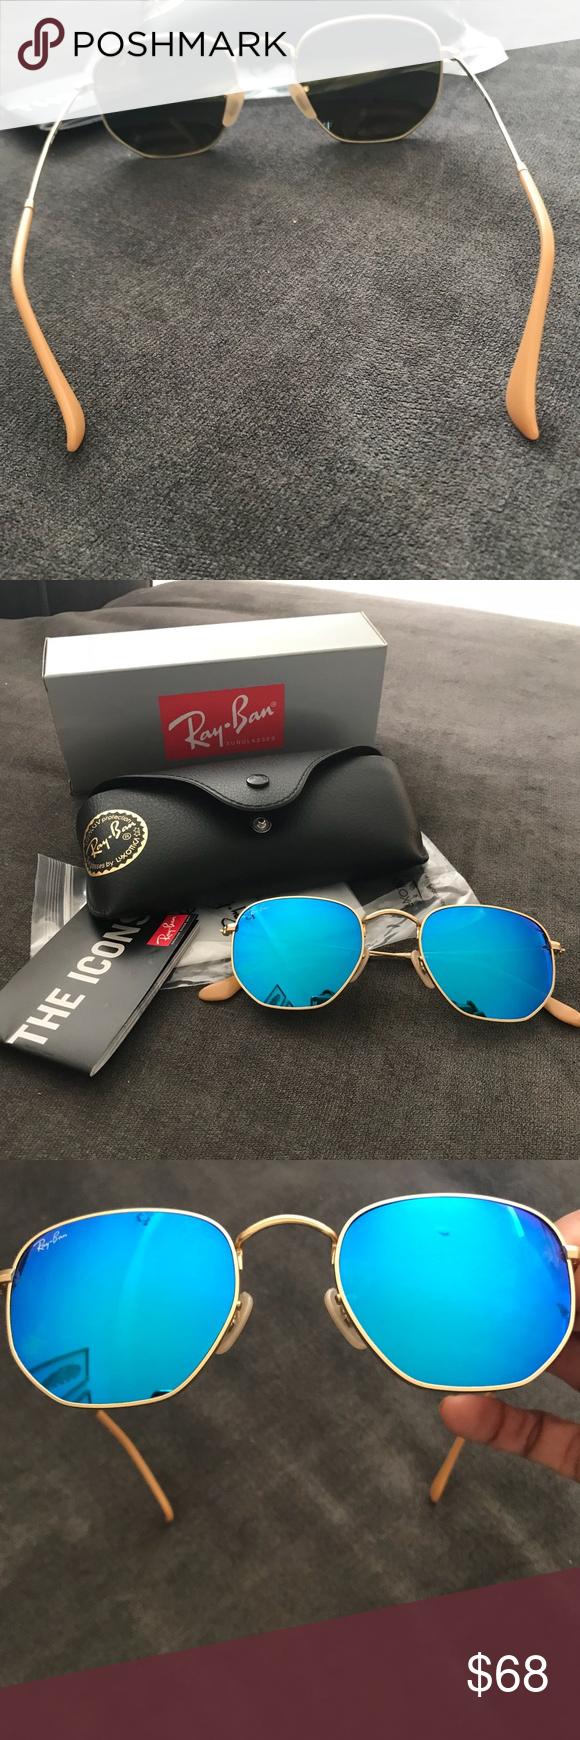 008755f7f69 Ray-ban Sunglasses